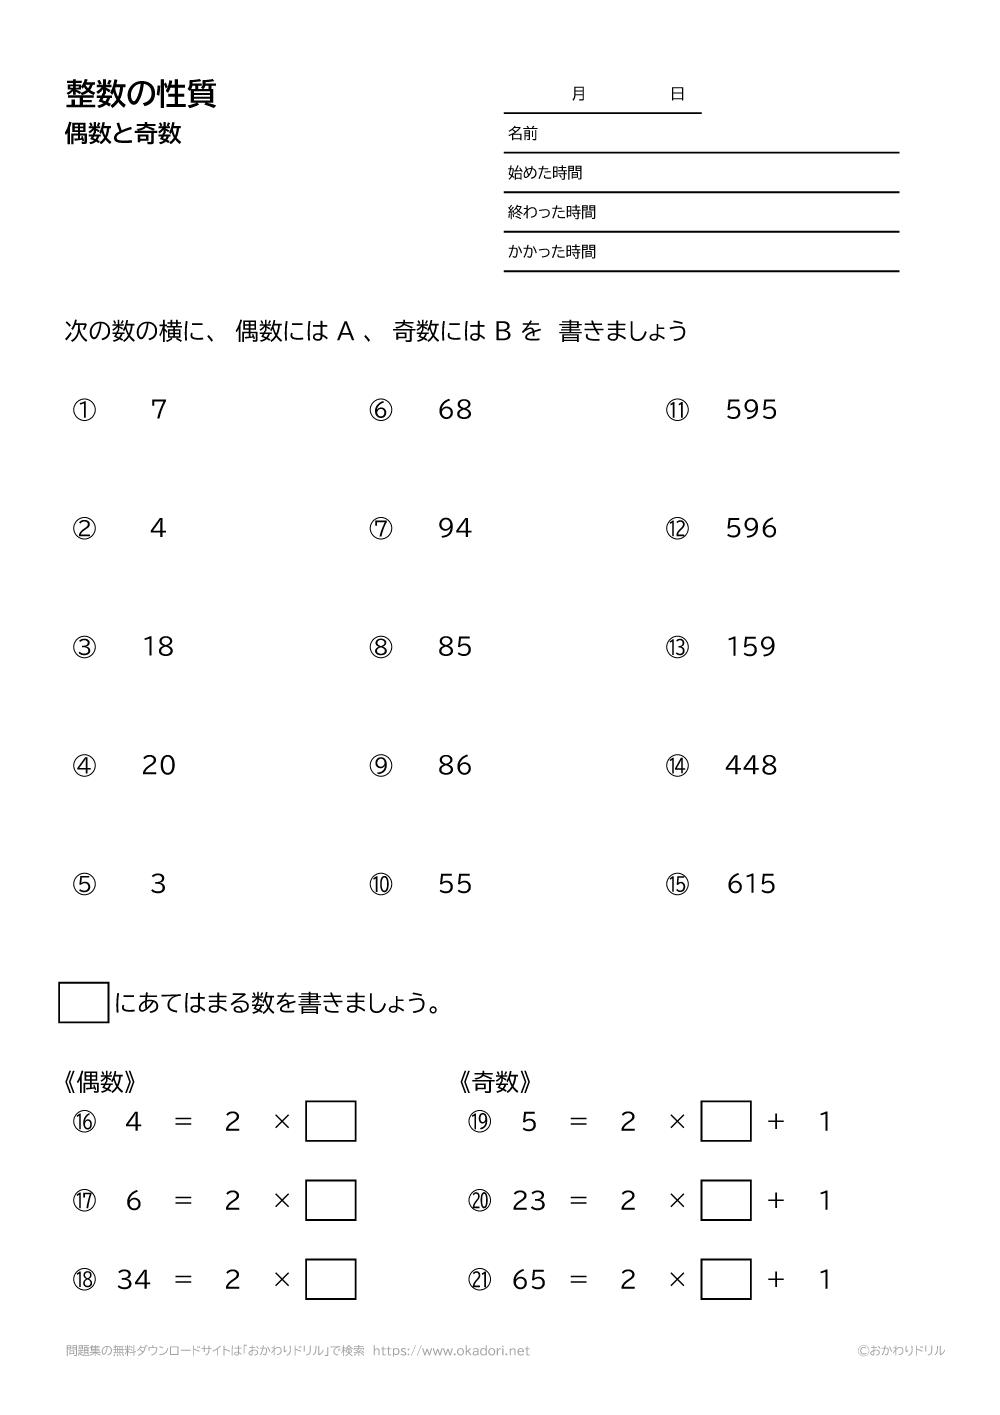 整数の性質-偶数と奇数-1